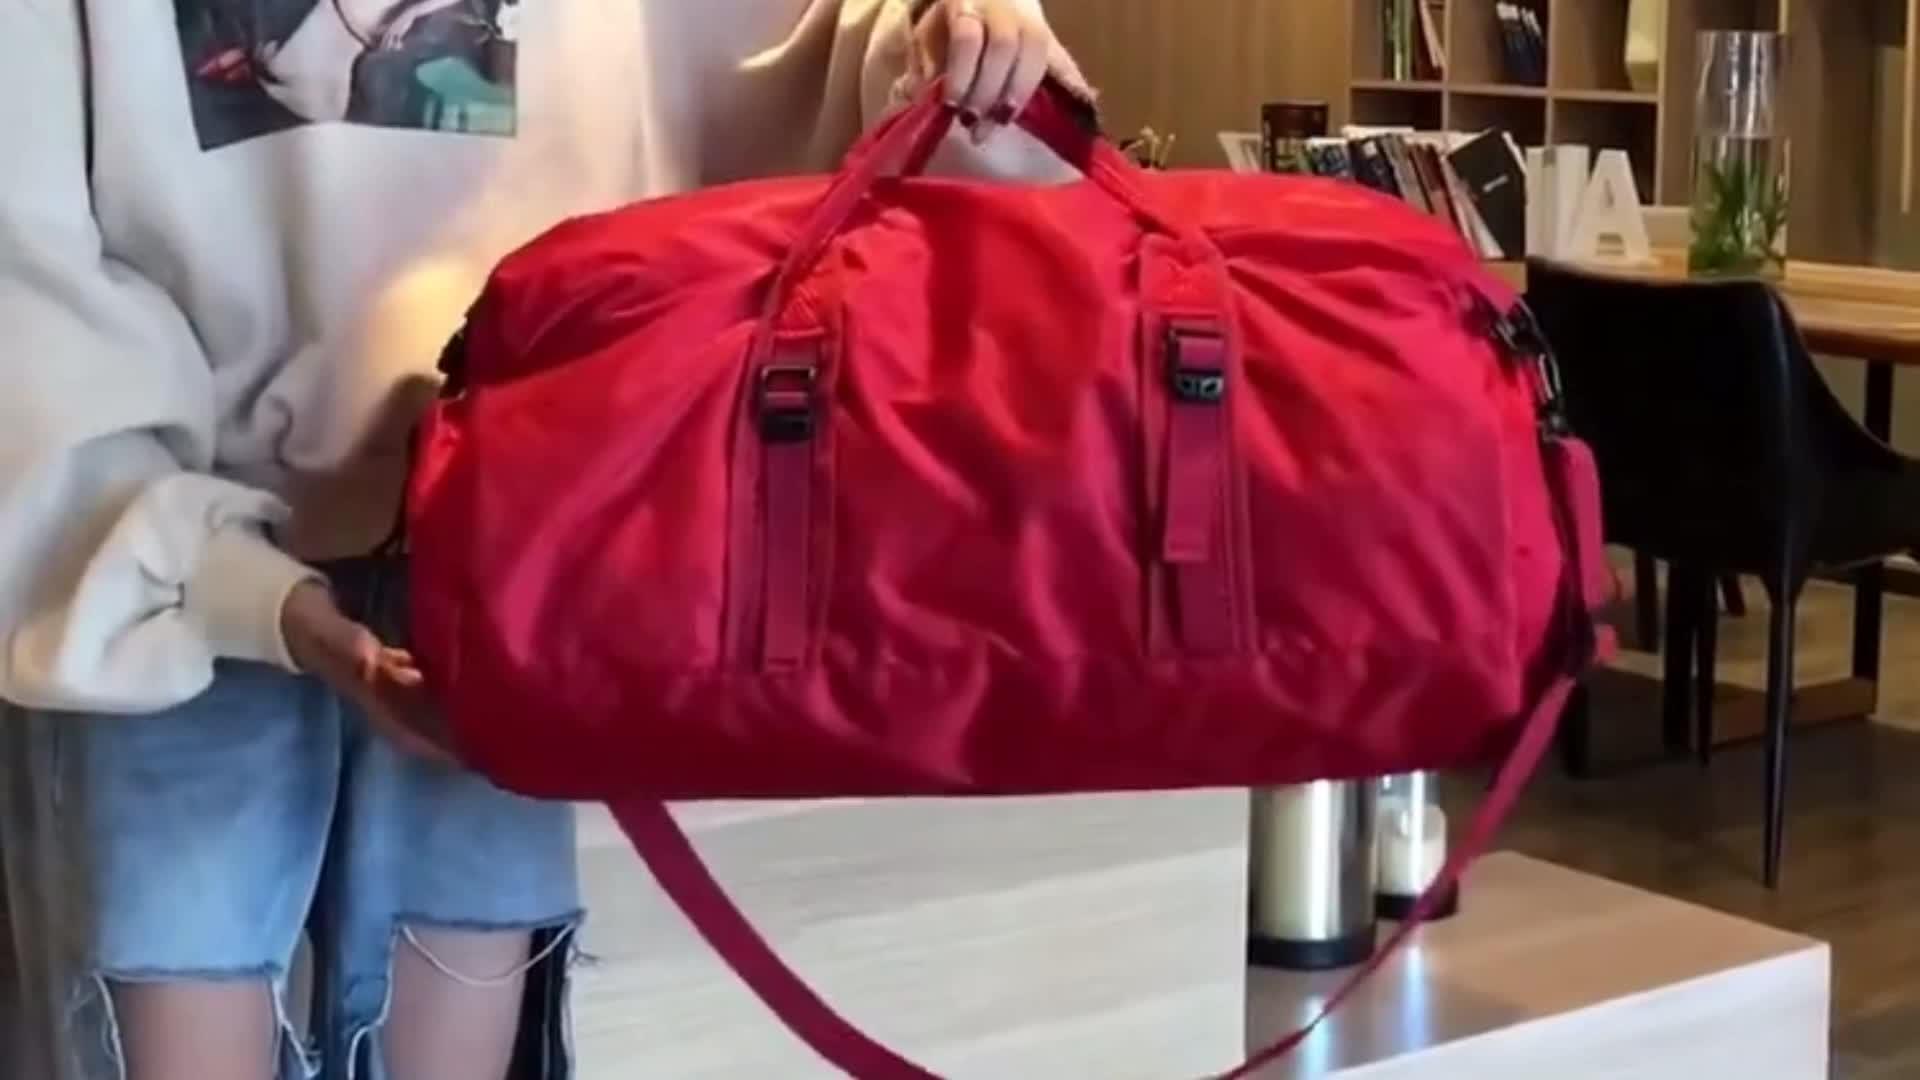 Chine Voyage Sport Gym Bagages personnalisé sacs de sport, Nouveau style mode extra-large sac de voyage étanche